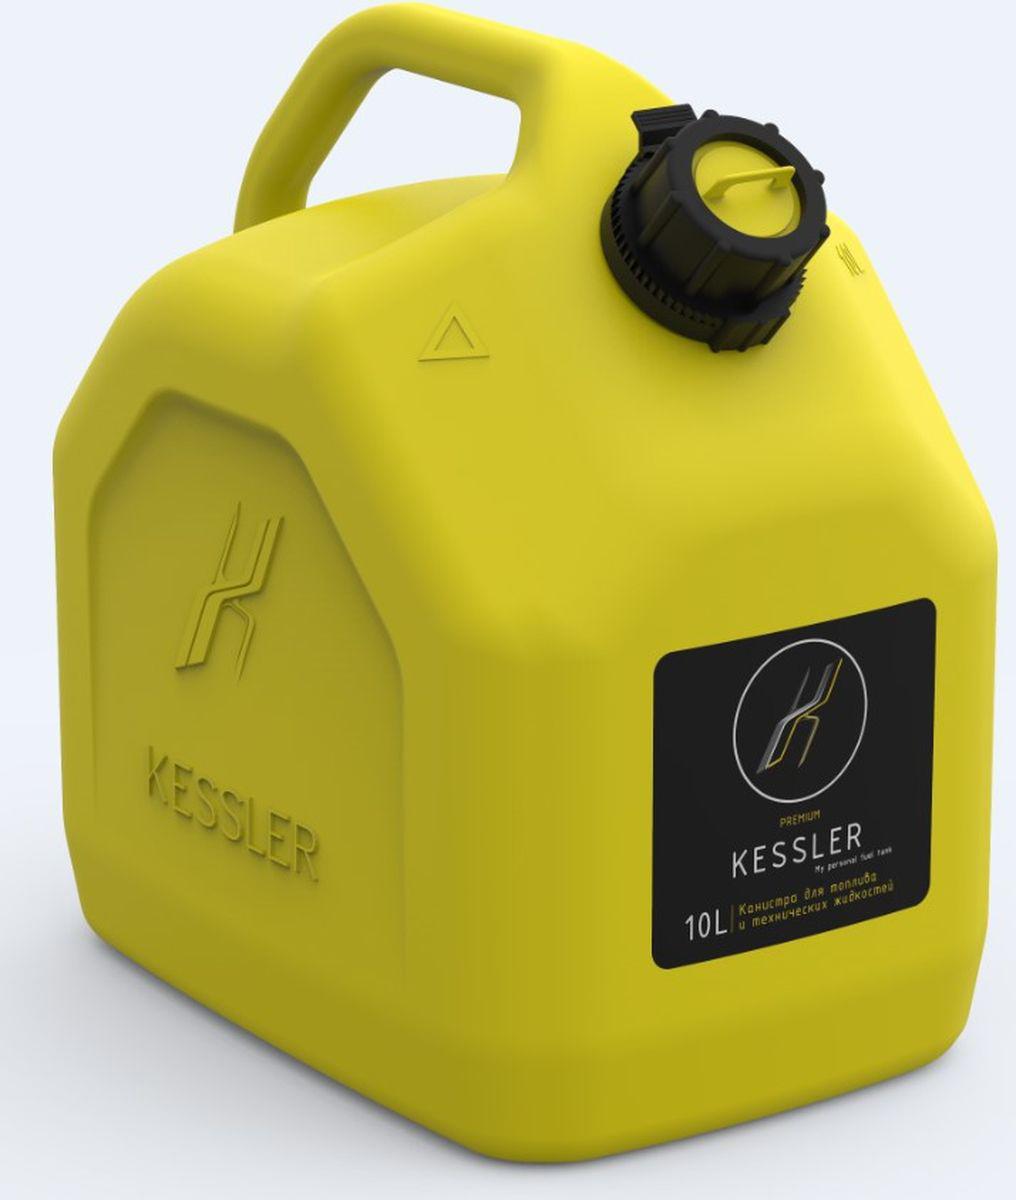 Канистра для топлива Kessler Oktan Premium, 10 л10.01.02.00-7Пластиковая канистра для топлива и технических жидкостей. Выполнена из утолщённого пластика, имеет крышку со встроенным заливным носиком. Рекомендована для использования в экстремальных условиях (грязь, вода, снег, жара и мороз).Объем: 10 л. Рекомендуем!